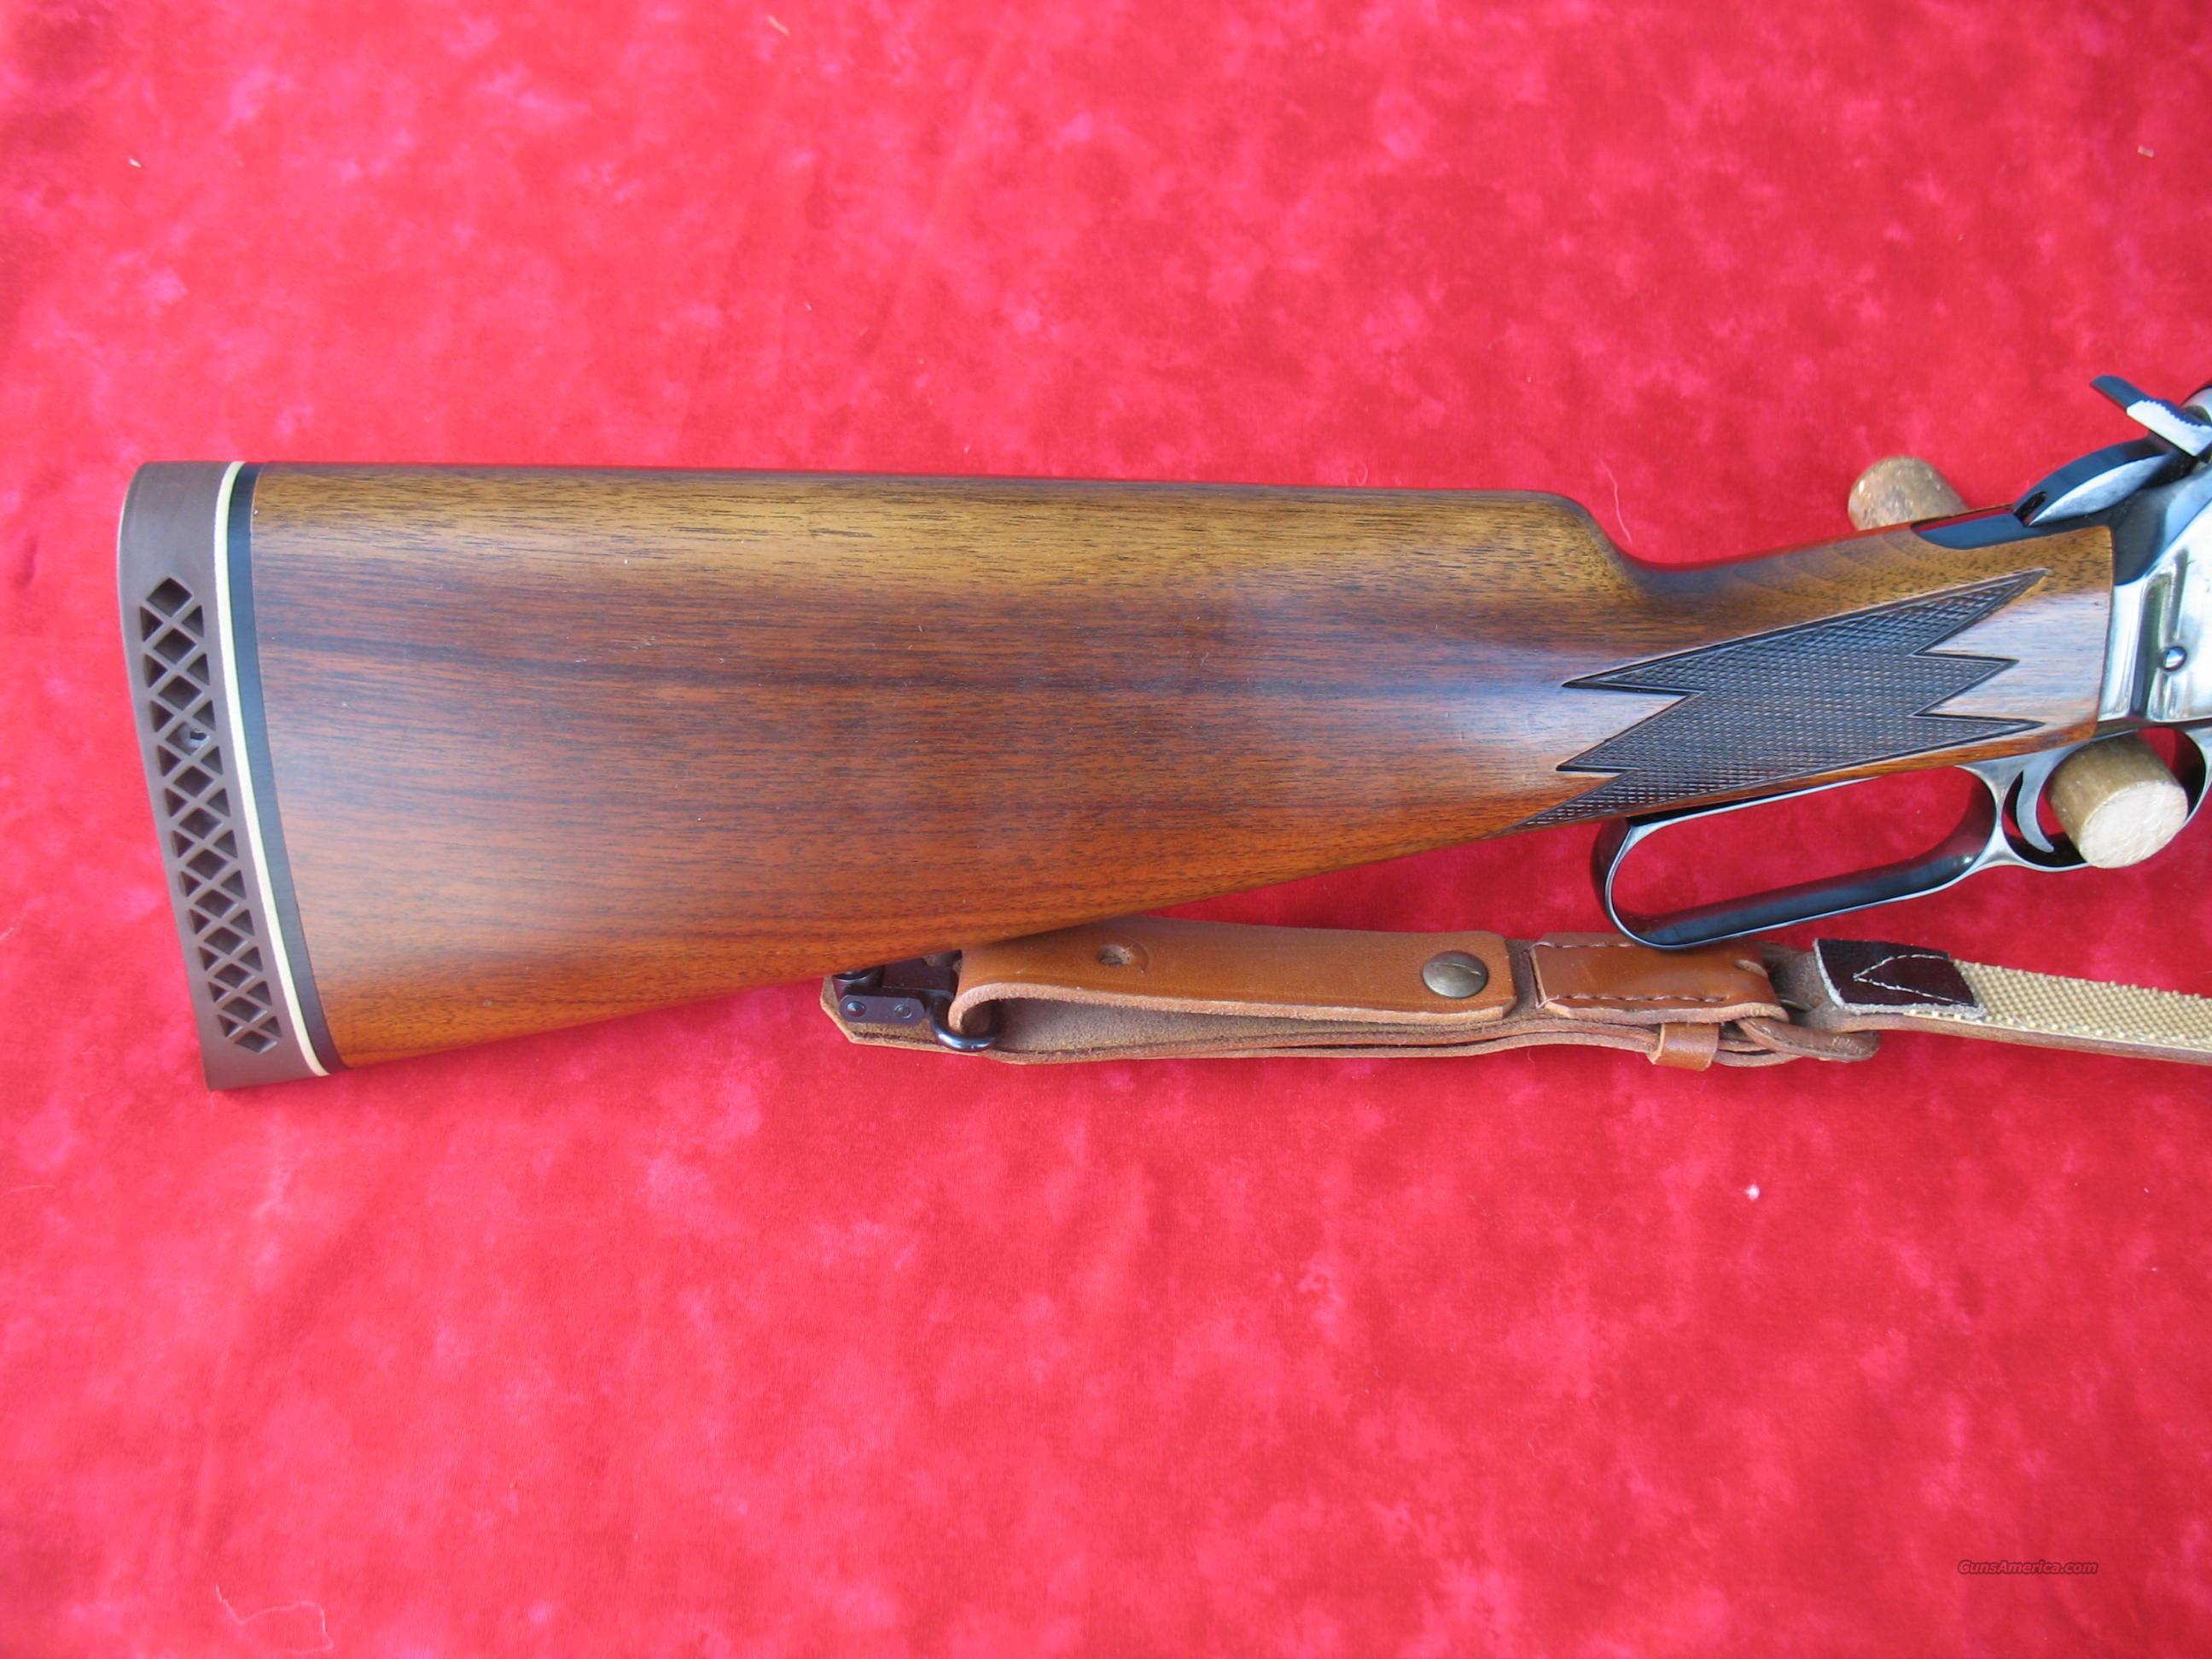 Browning blr 81 belgium lever rifle 308 caliber